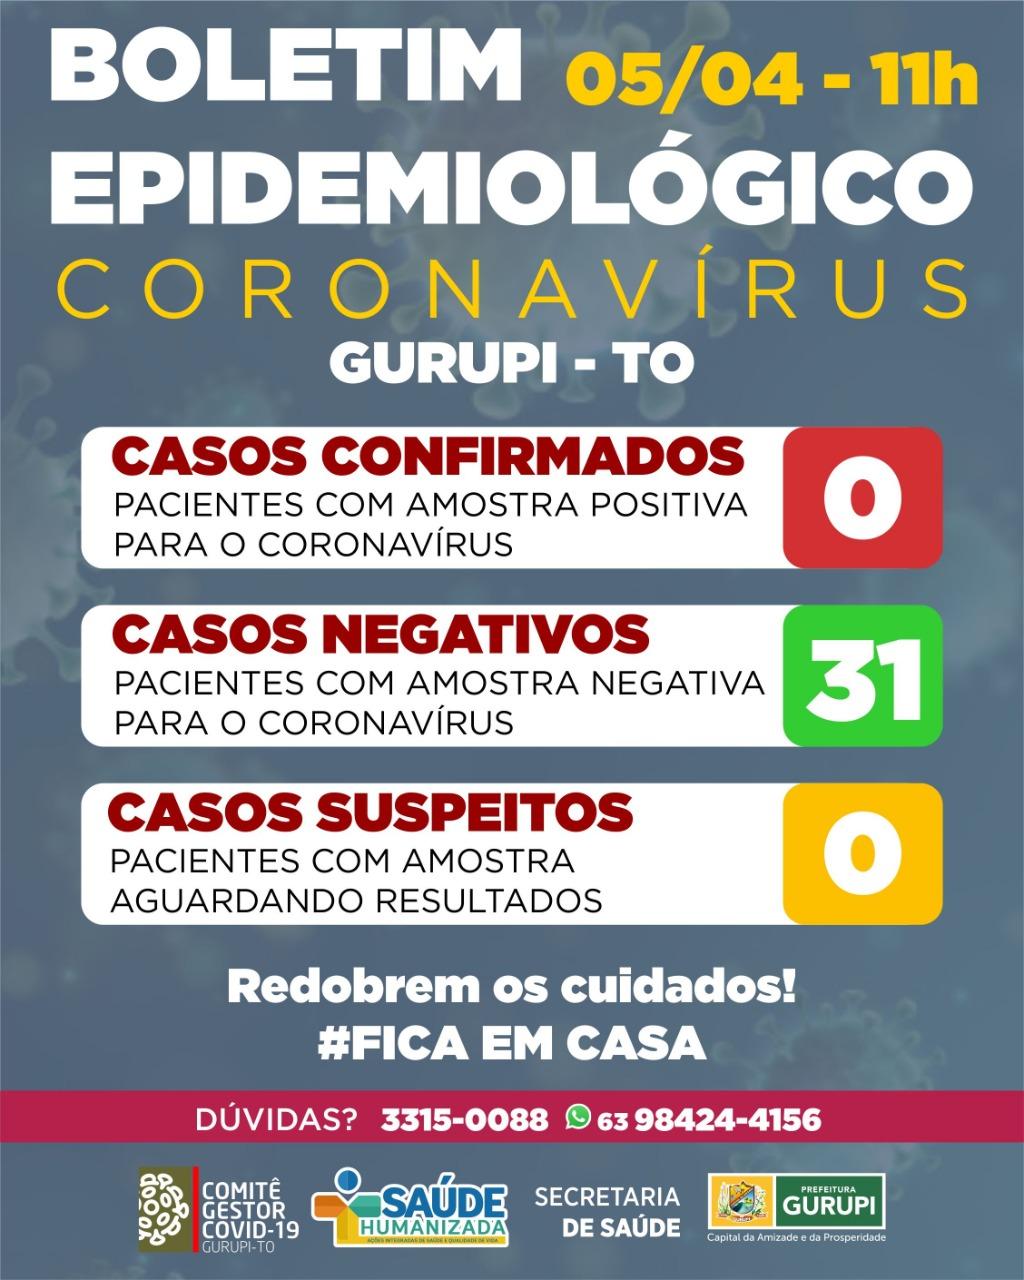 Boletim Epidemiológico informa: todos os testes para Covid-19 em Gurupi deram negativo